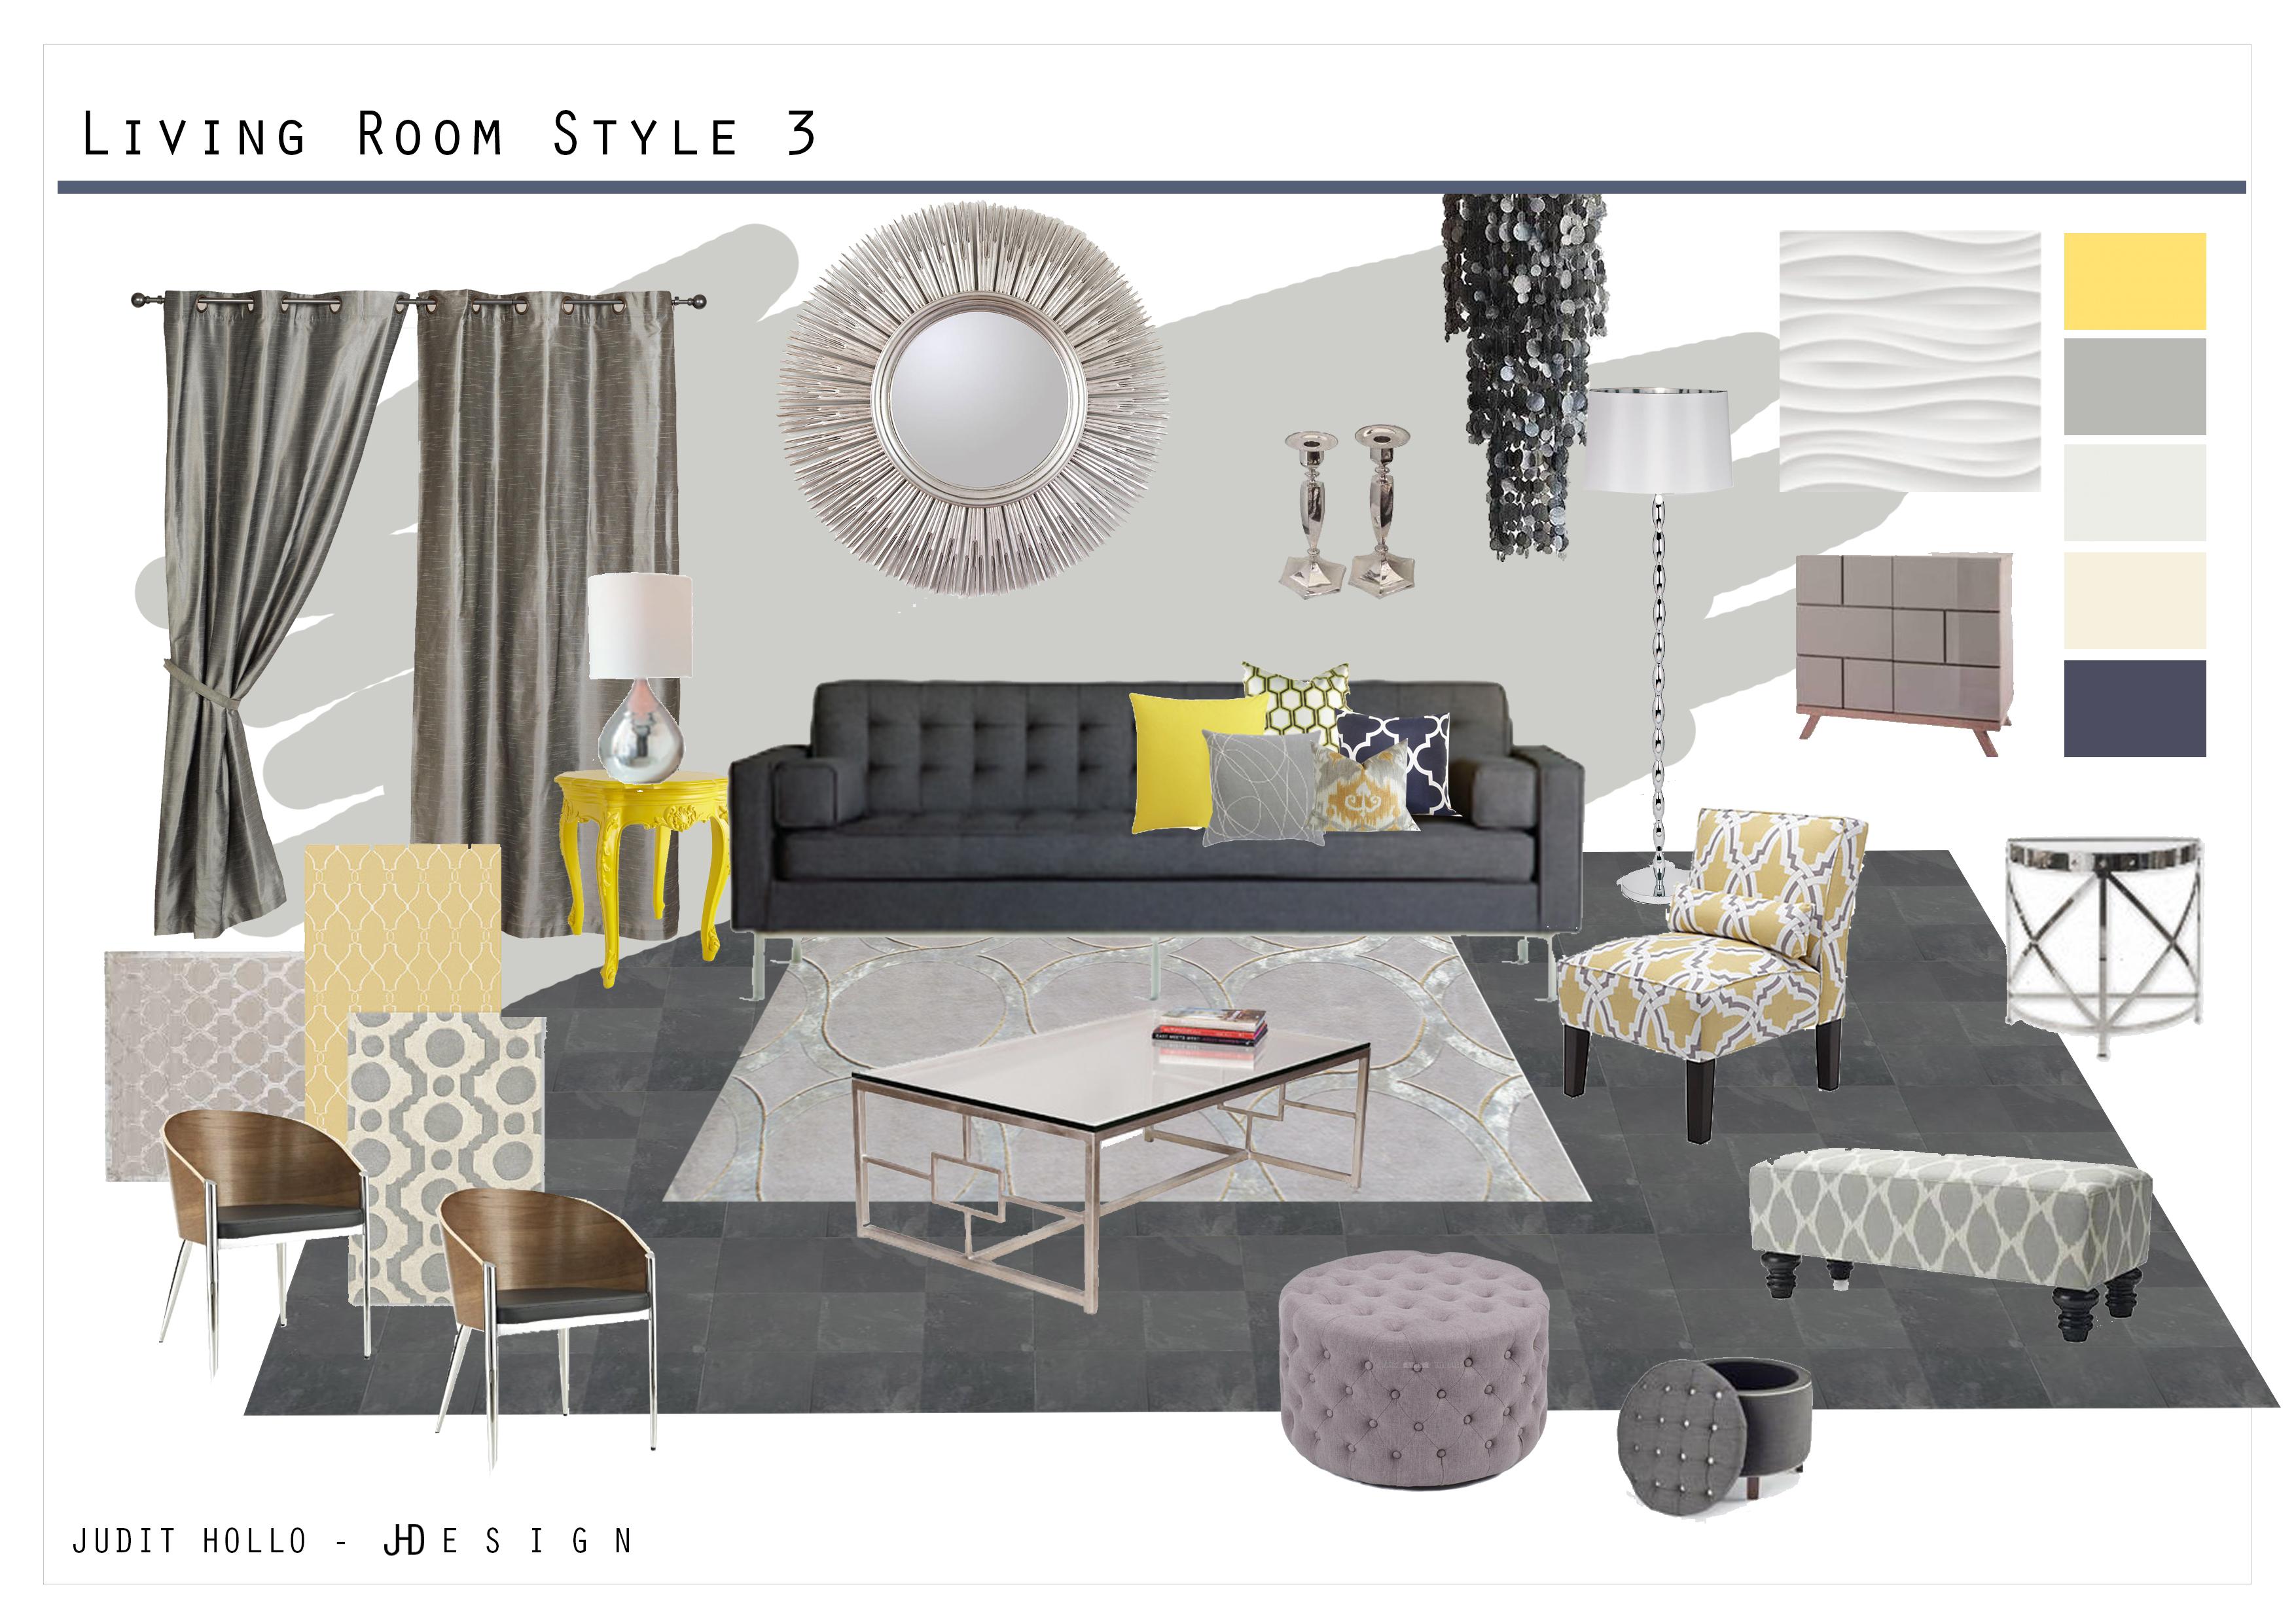 Living Room And Master Bedroom Mood Board Judit Hollo